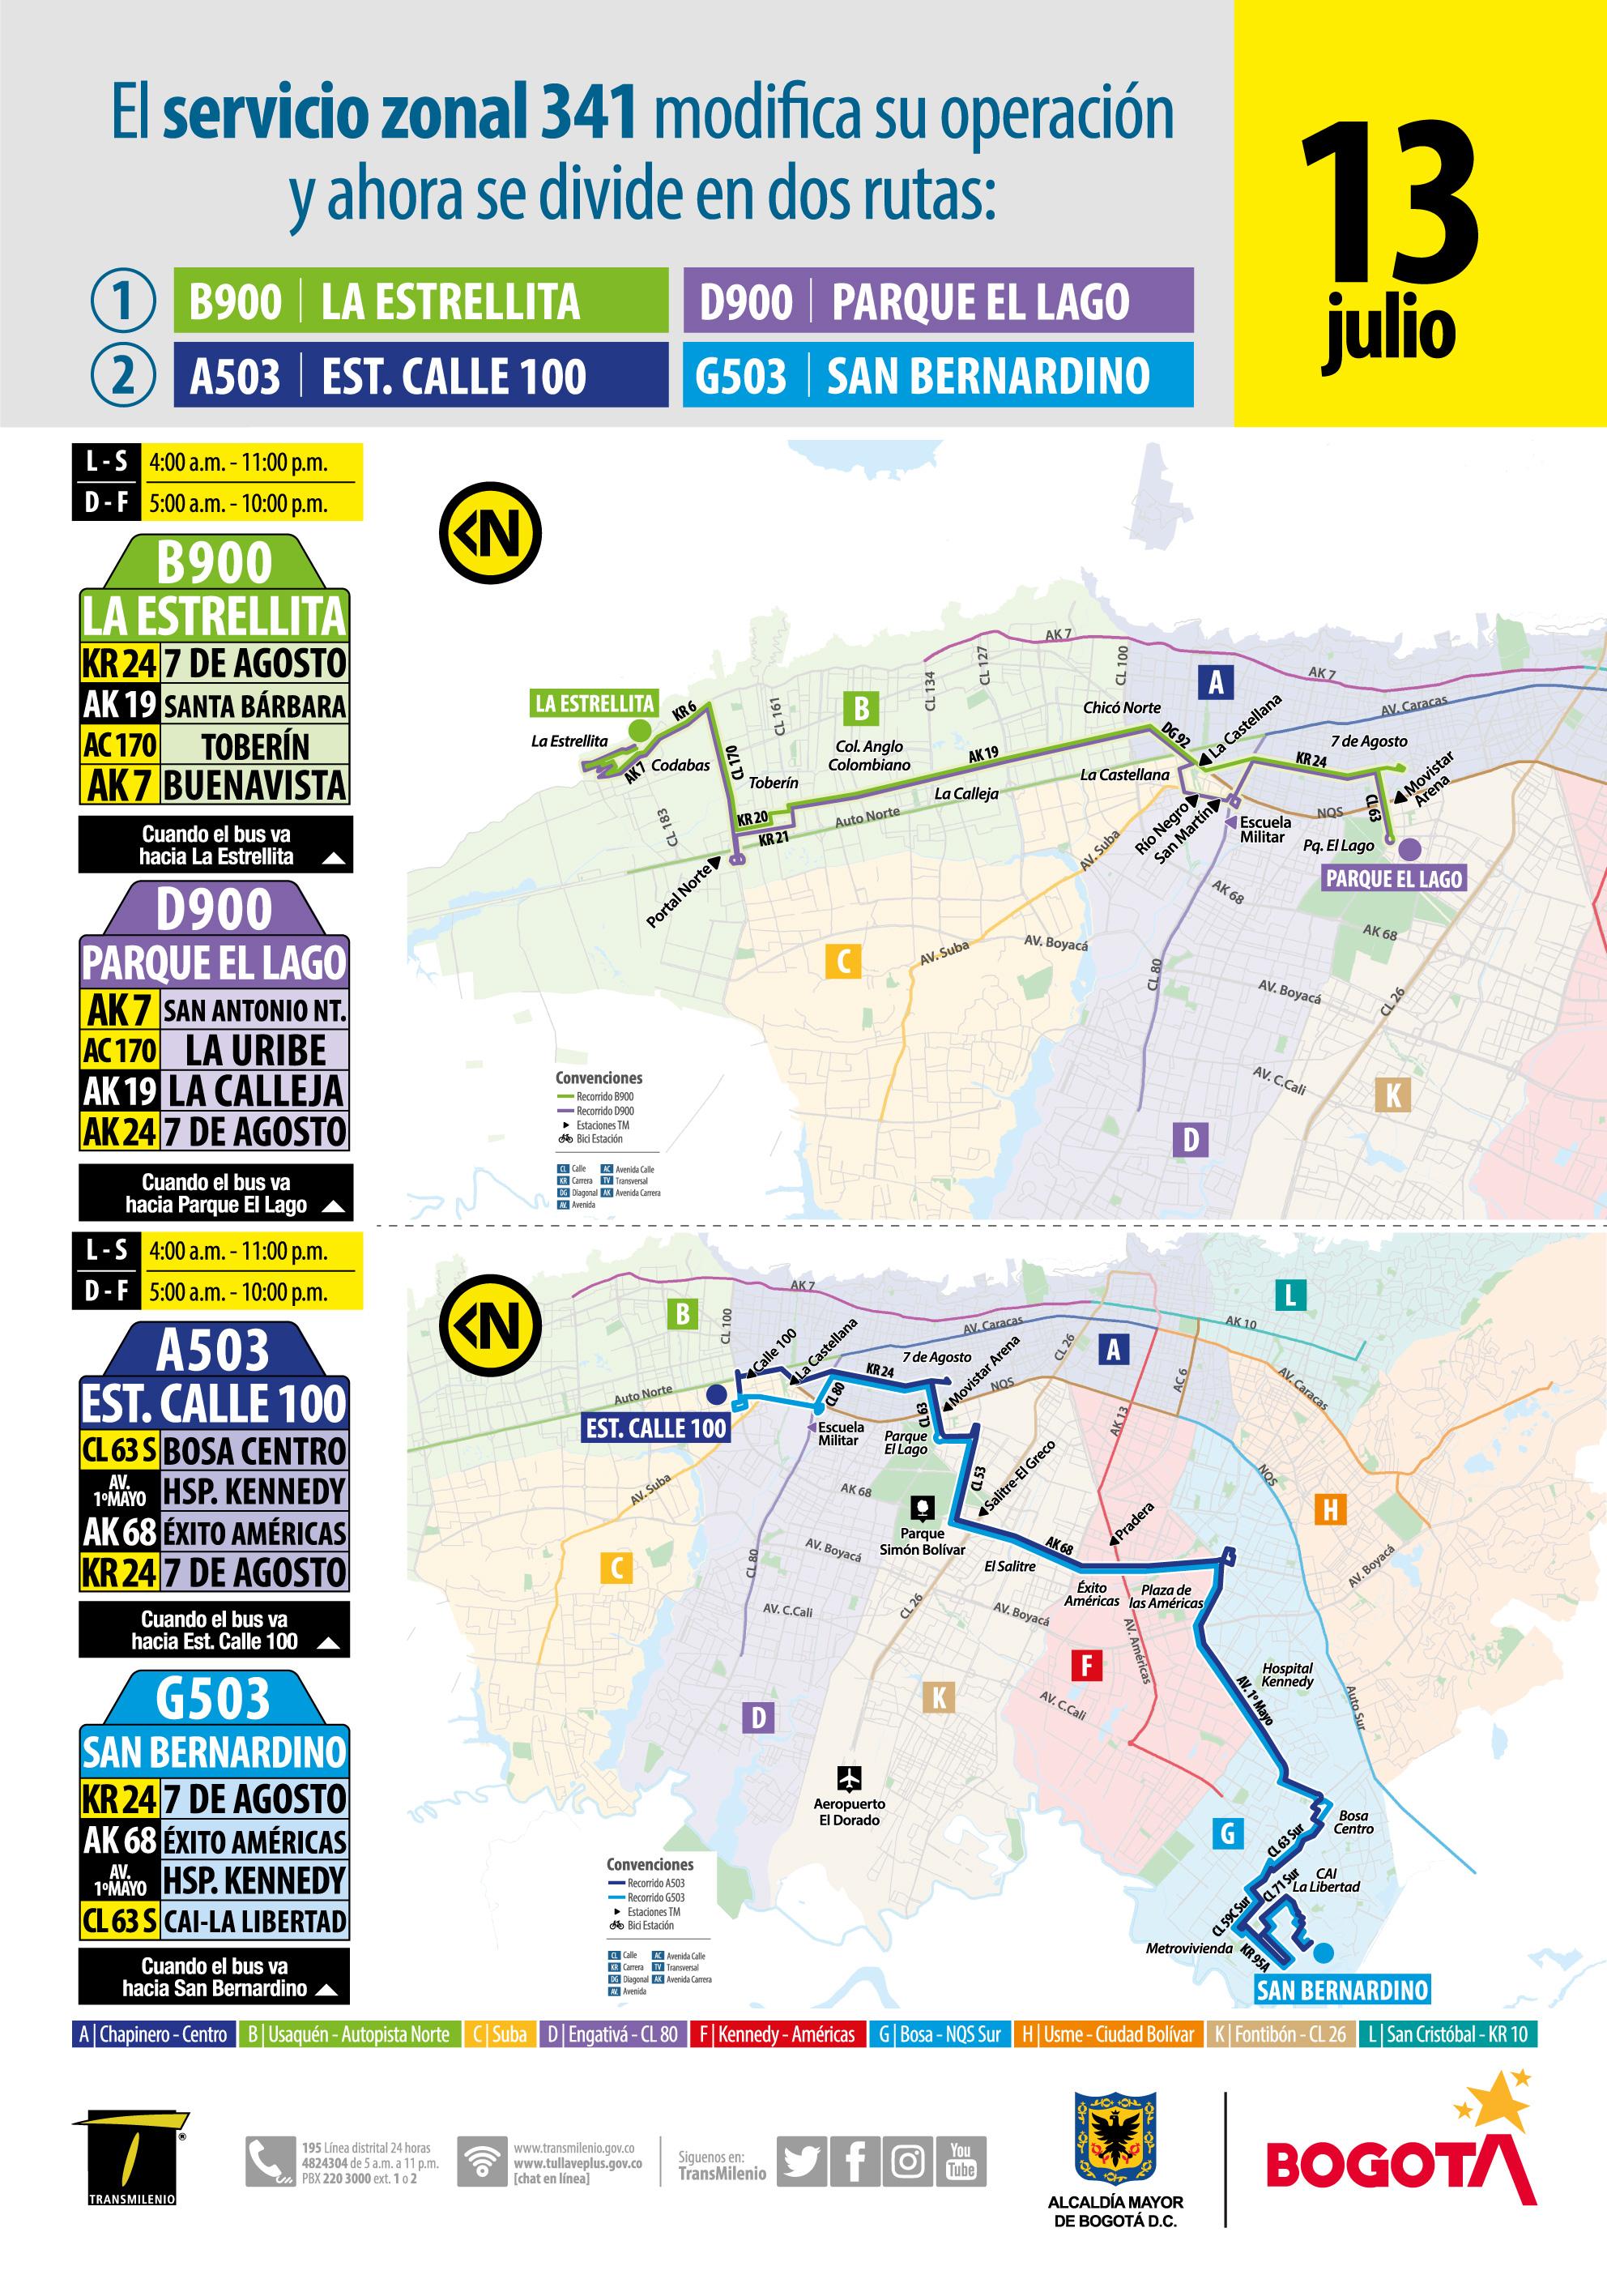 Mapa de la ruta B900-D900-A503-G503